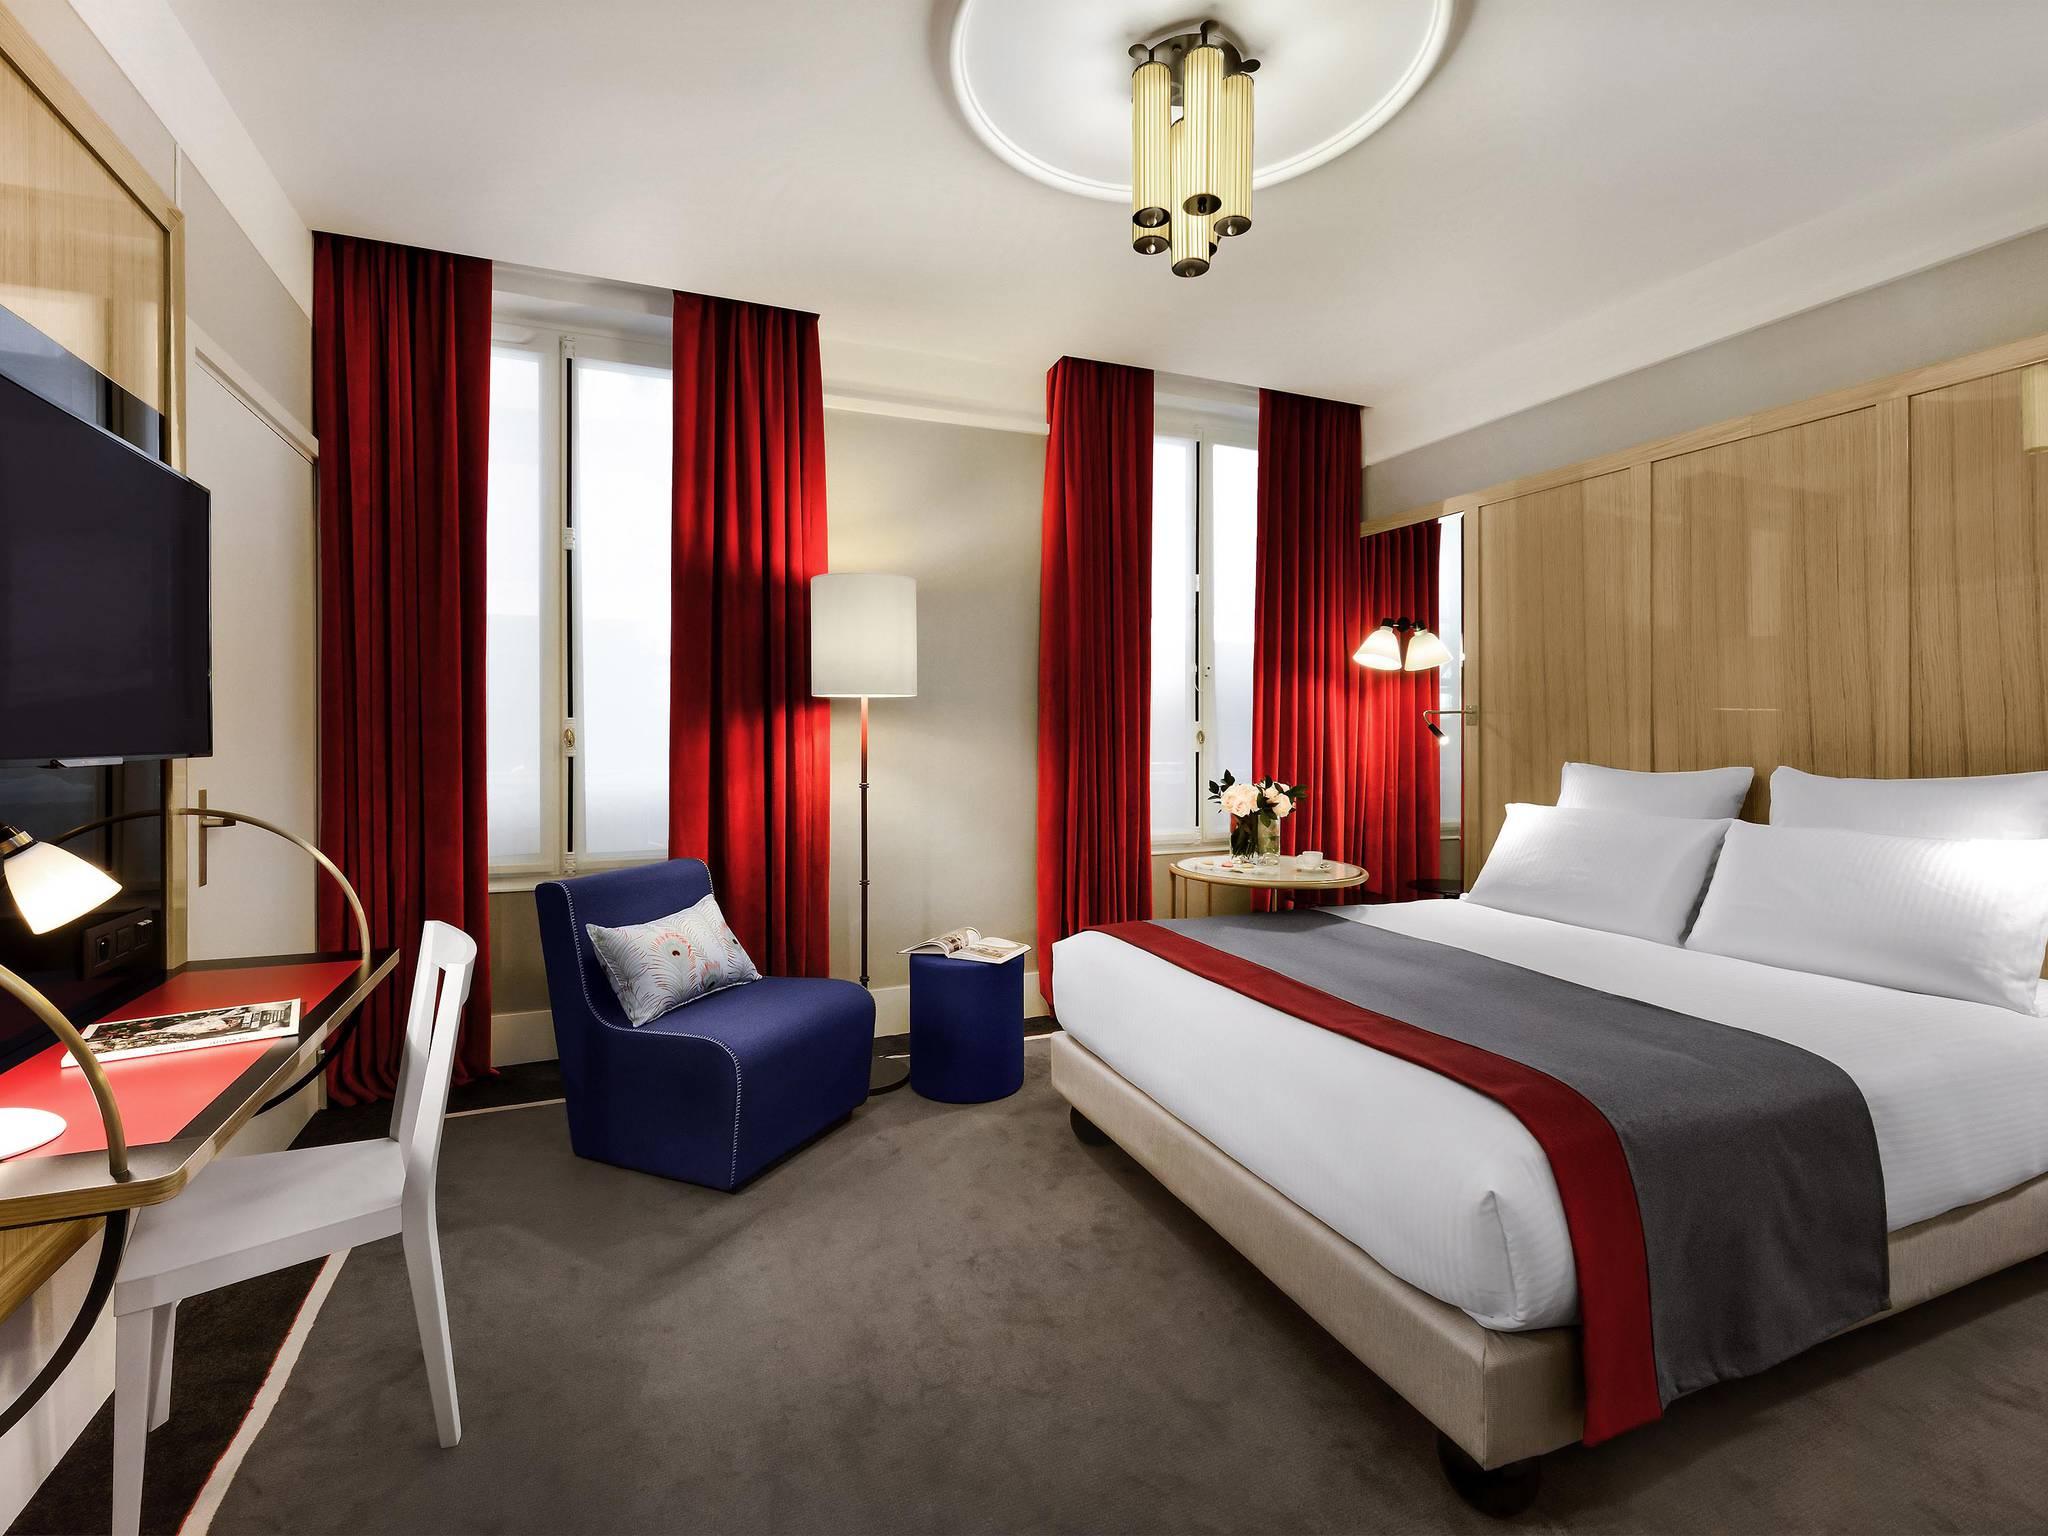 Гостиная спальня красная